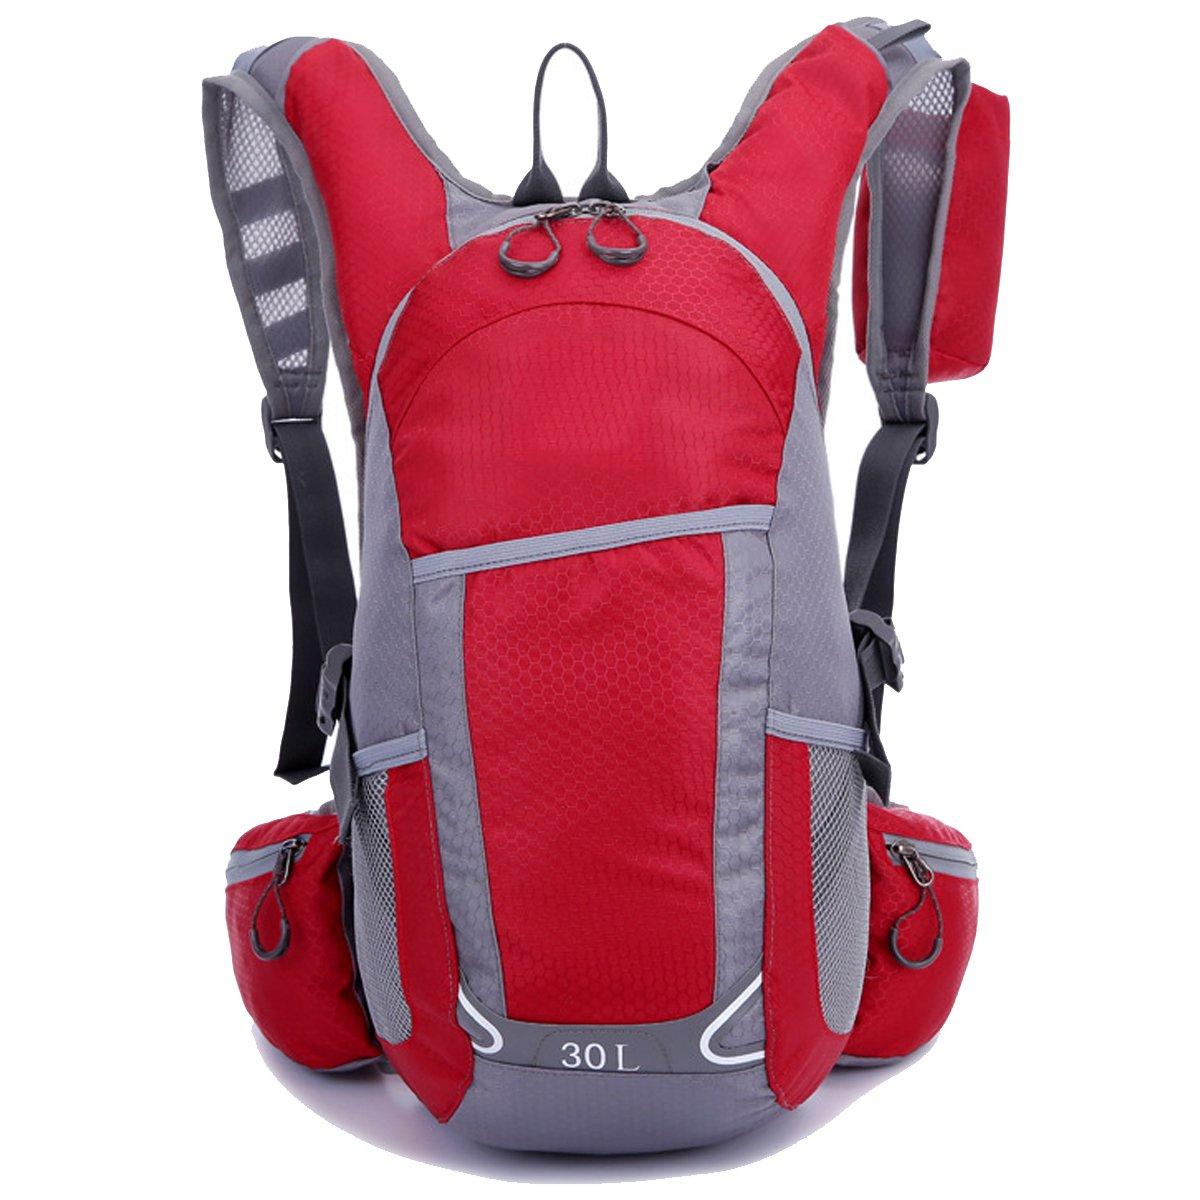 Impermeabile Ultraleggero All'aperto Gli Gli Gli sport Ciclismo Escursionismo Viaggio Unisex-adulti Zaino (rosso) | Fai pieno uso dei materiali  | Bella apparenza  2d4aaa